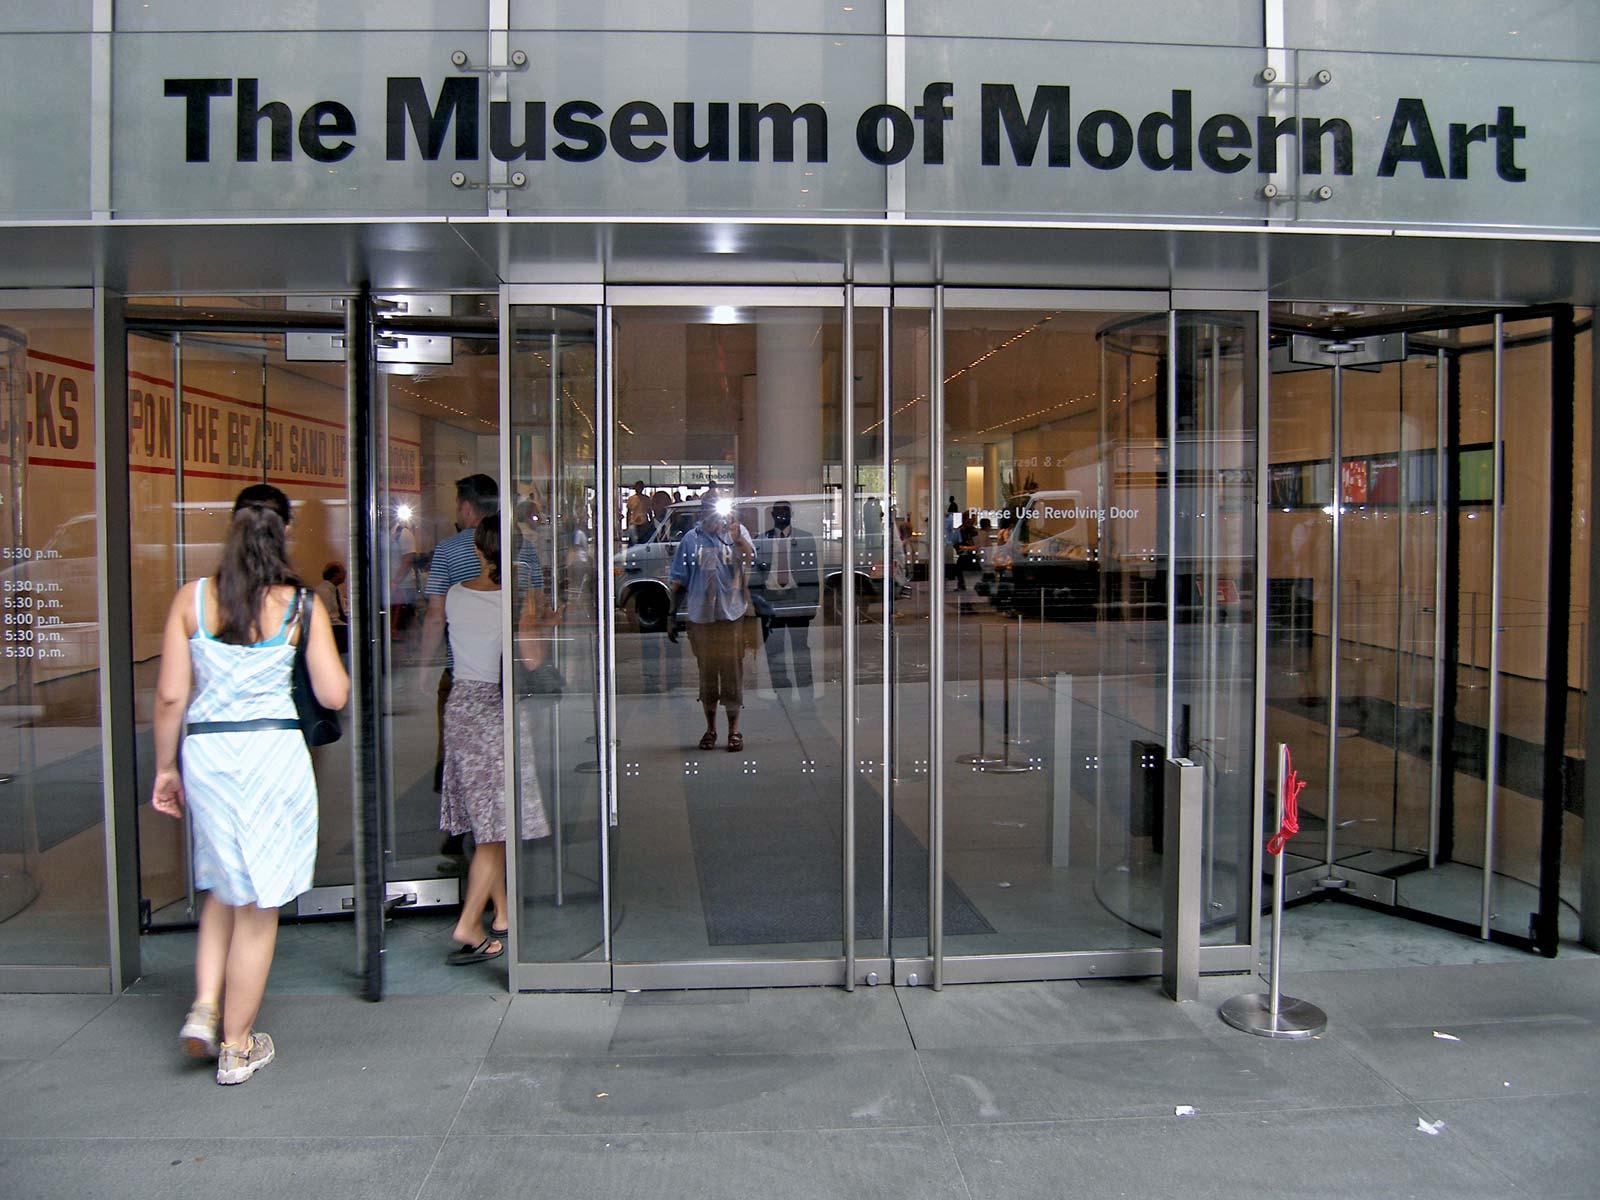 zD9Cf8LHsoht gfNCWnQIJBn7TRVShnV K1PQP fWUCvJ8AEWNMVjFuI6ERnYZHttGix9ZJ2guSiRvqoXg2JAbPkCDlpx58a5HXHfJ SNe yf6Iic 5iebufjOqrrg - New York – a destination for art lovers